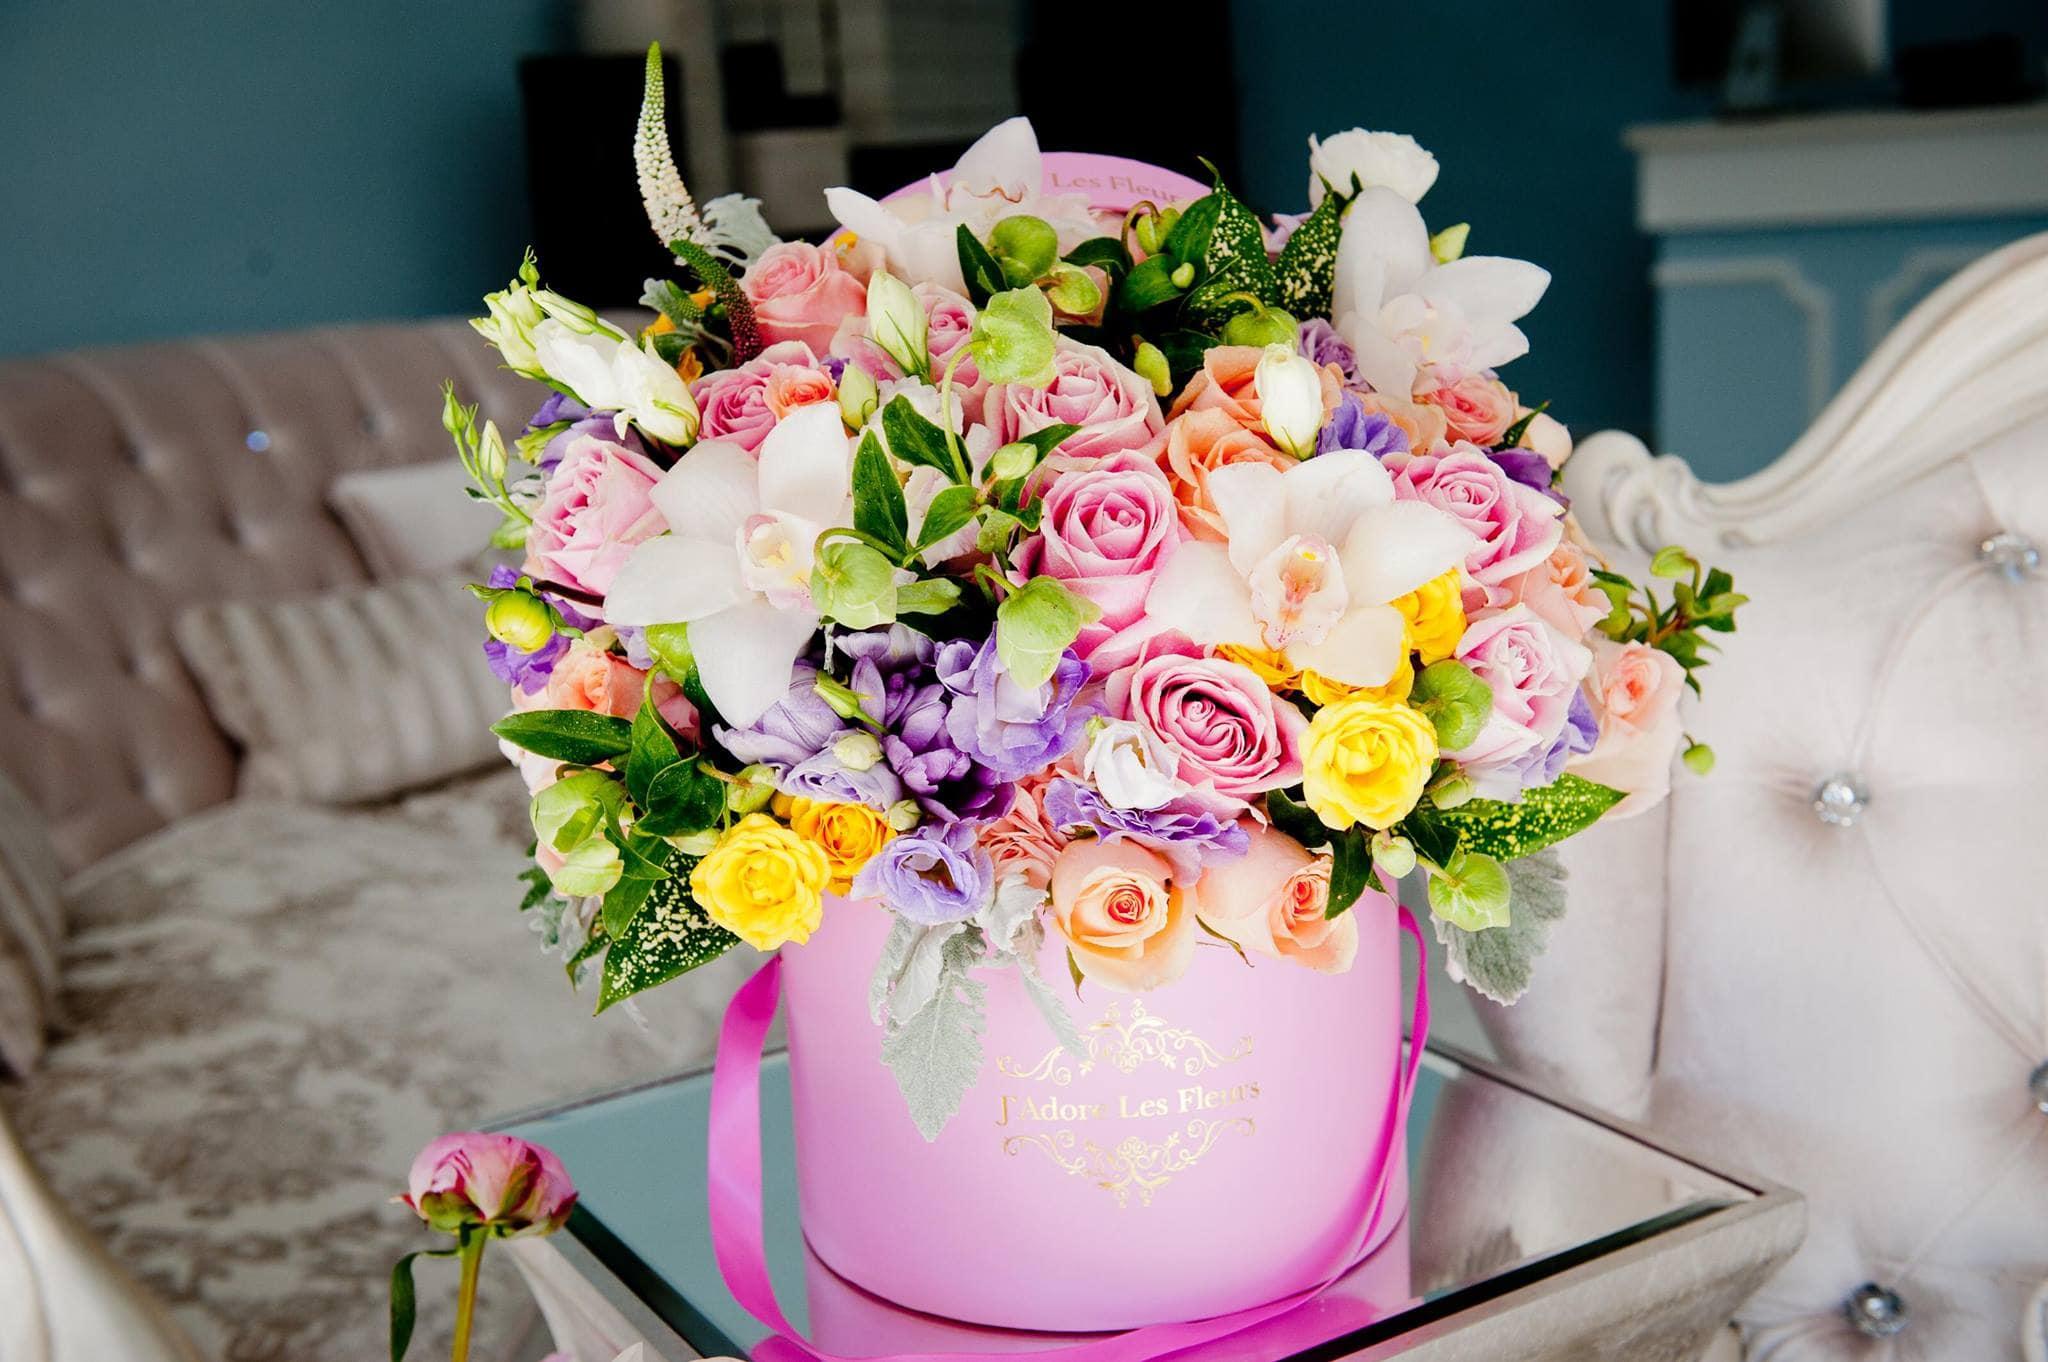 J'Adore Les Fleurs Las Vegas Flower Delivery